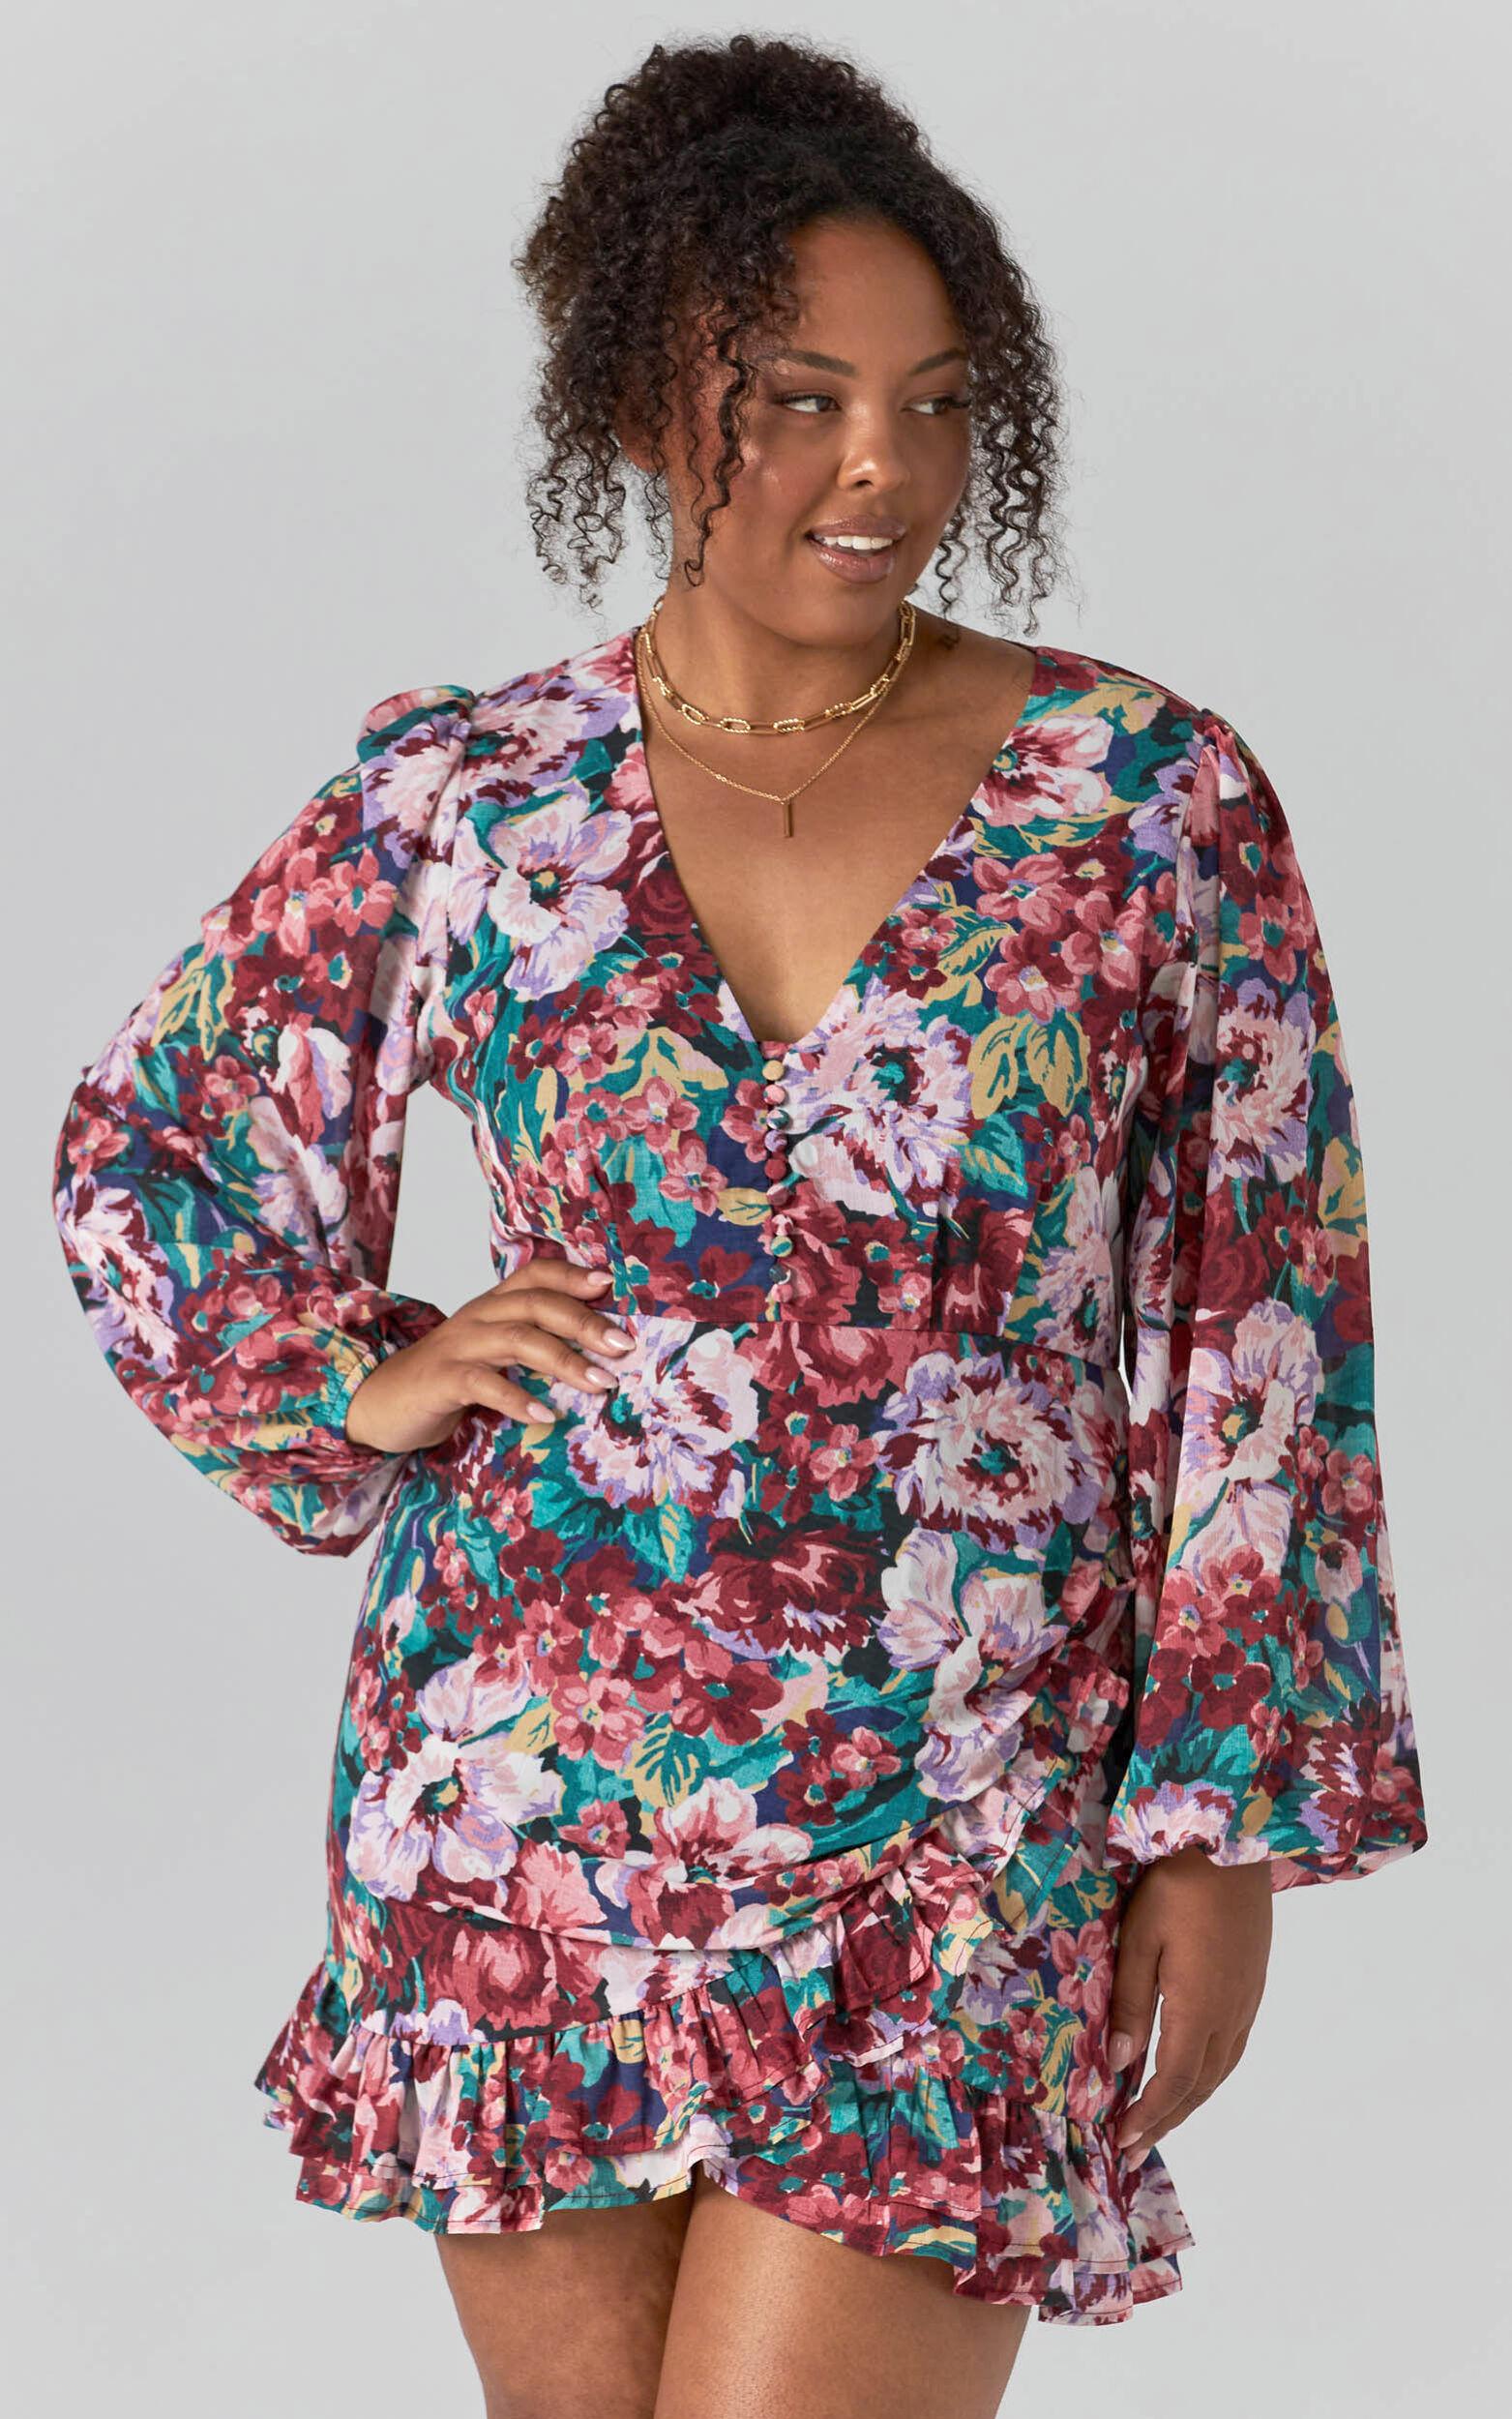 Andire Long Sleeve Frilled Hem Wrap Dress in Amorous Floral - 04, PNK1, super-hi-res image number null